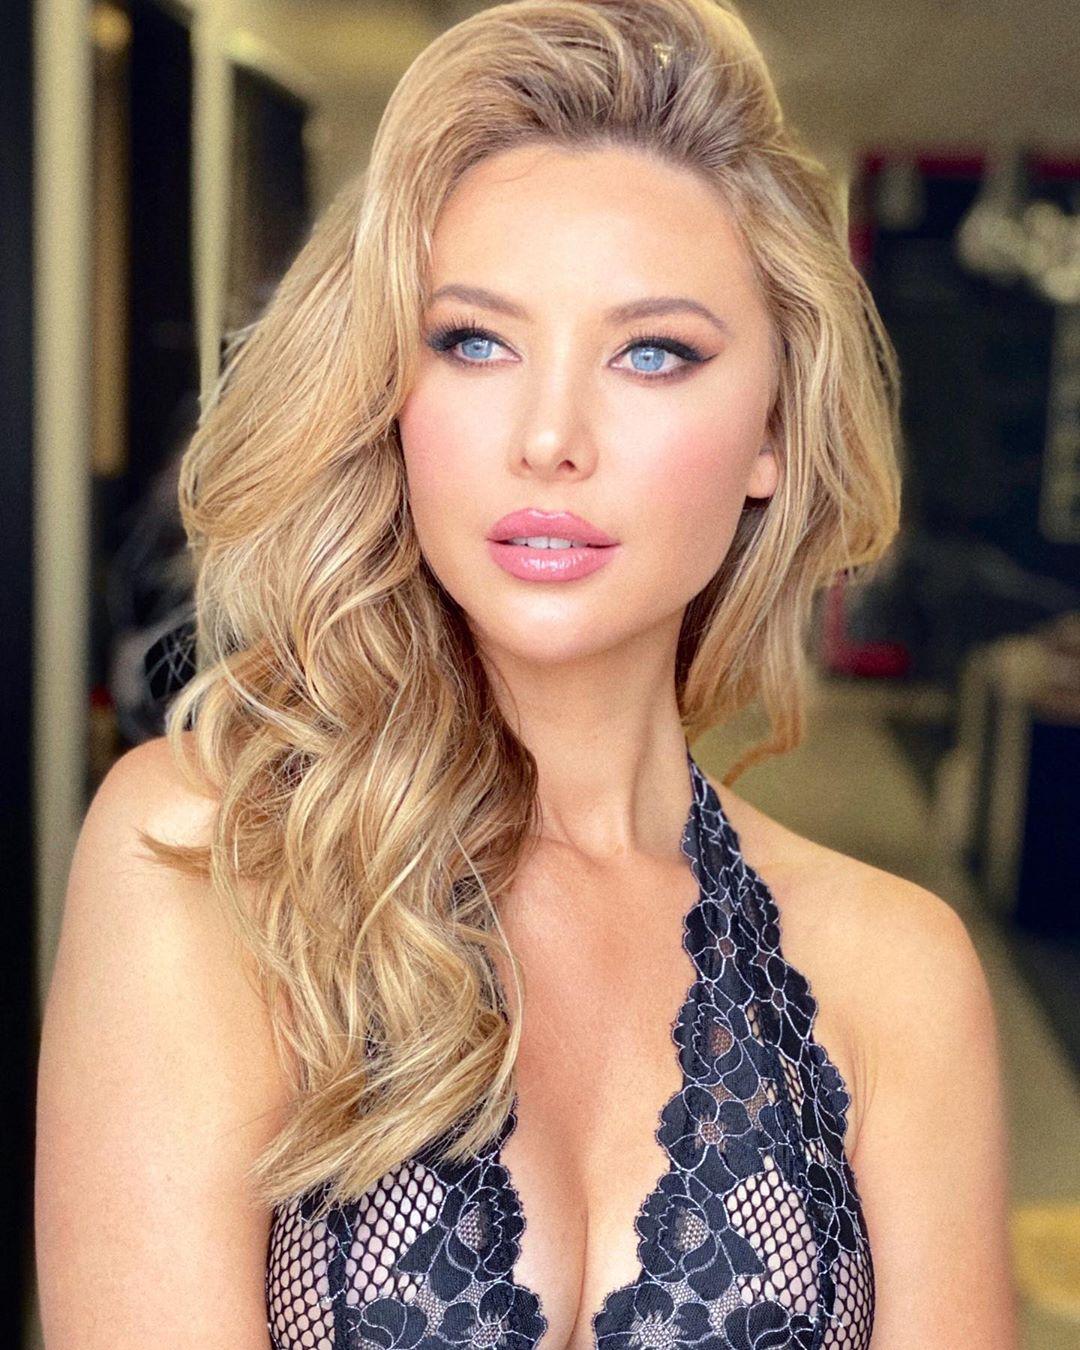 Haftanın Modeli Tiffany Toth